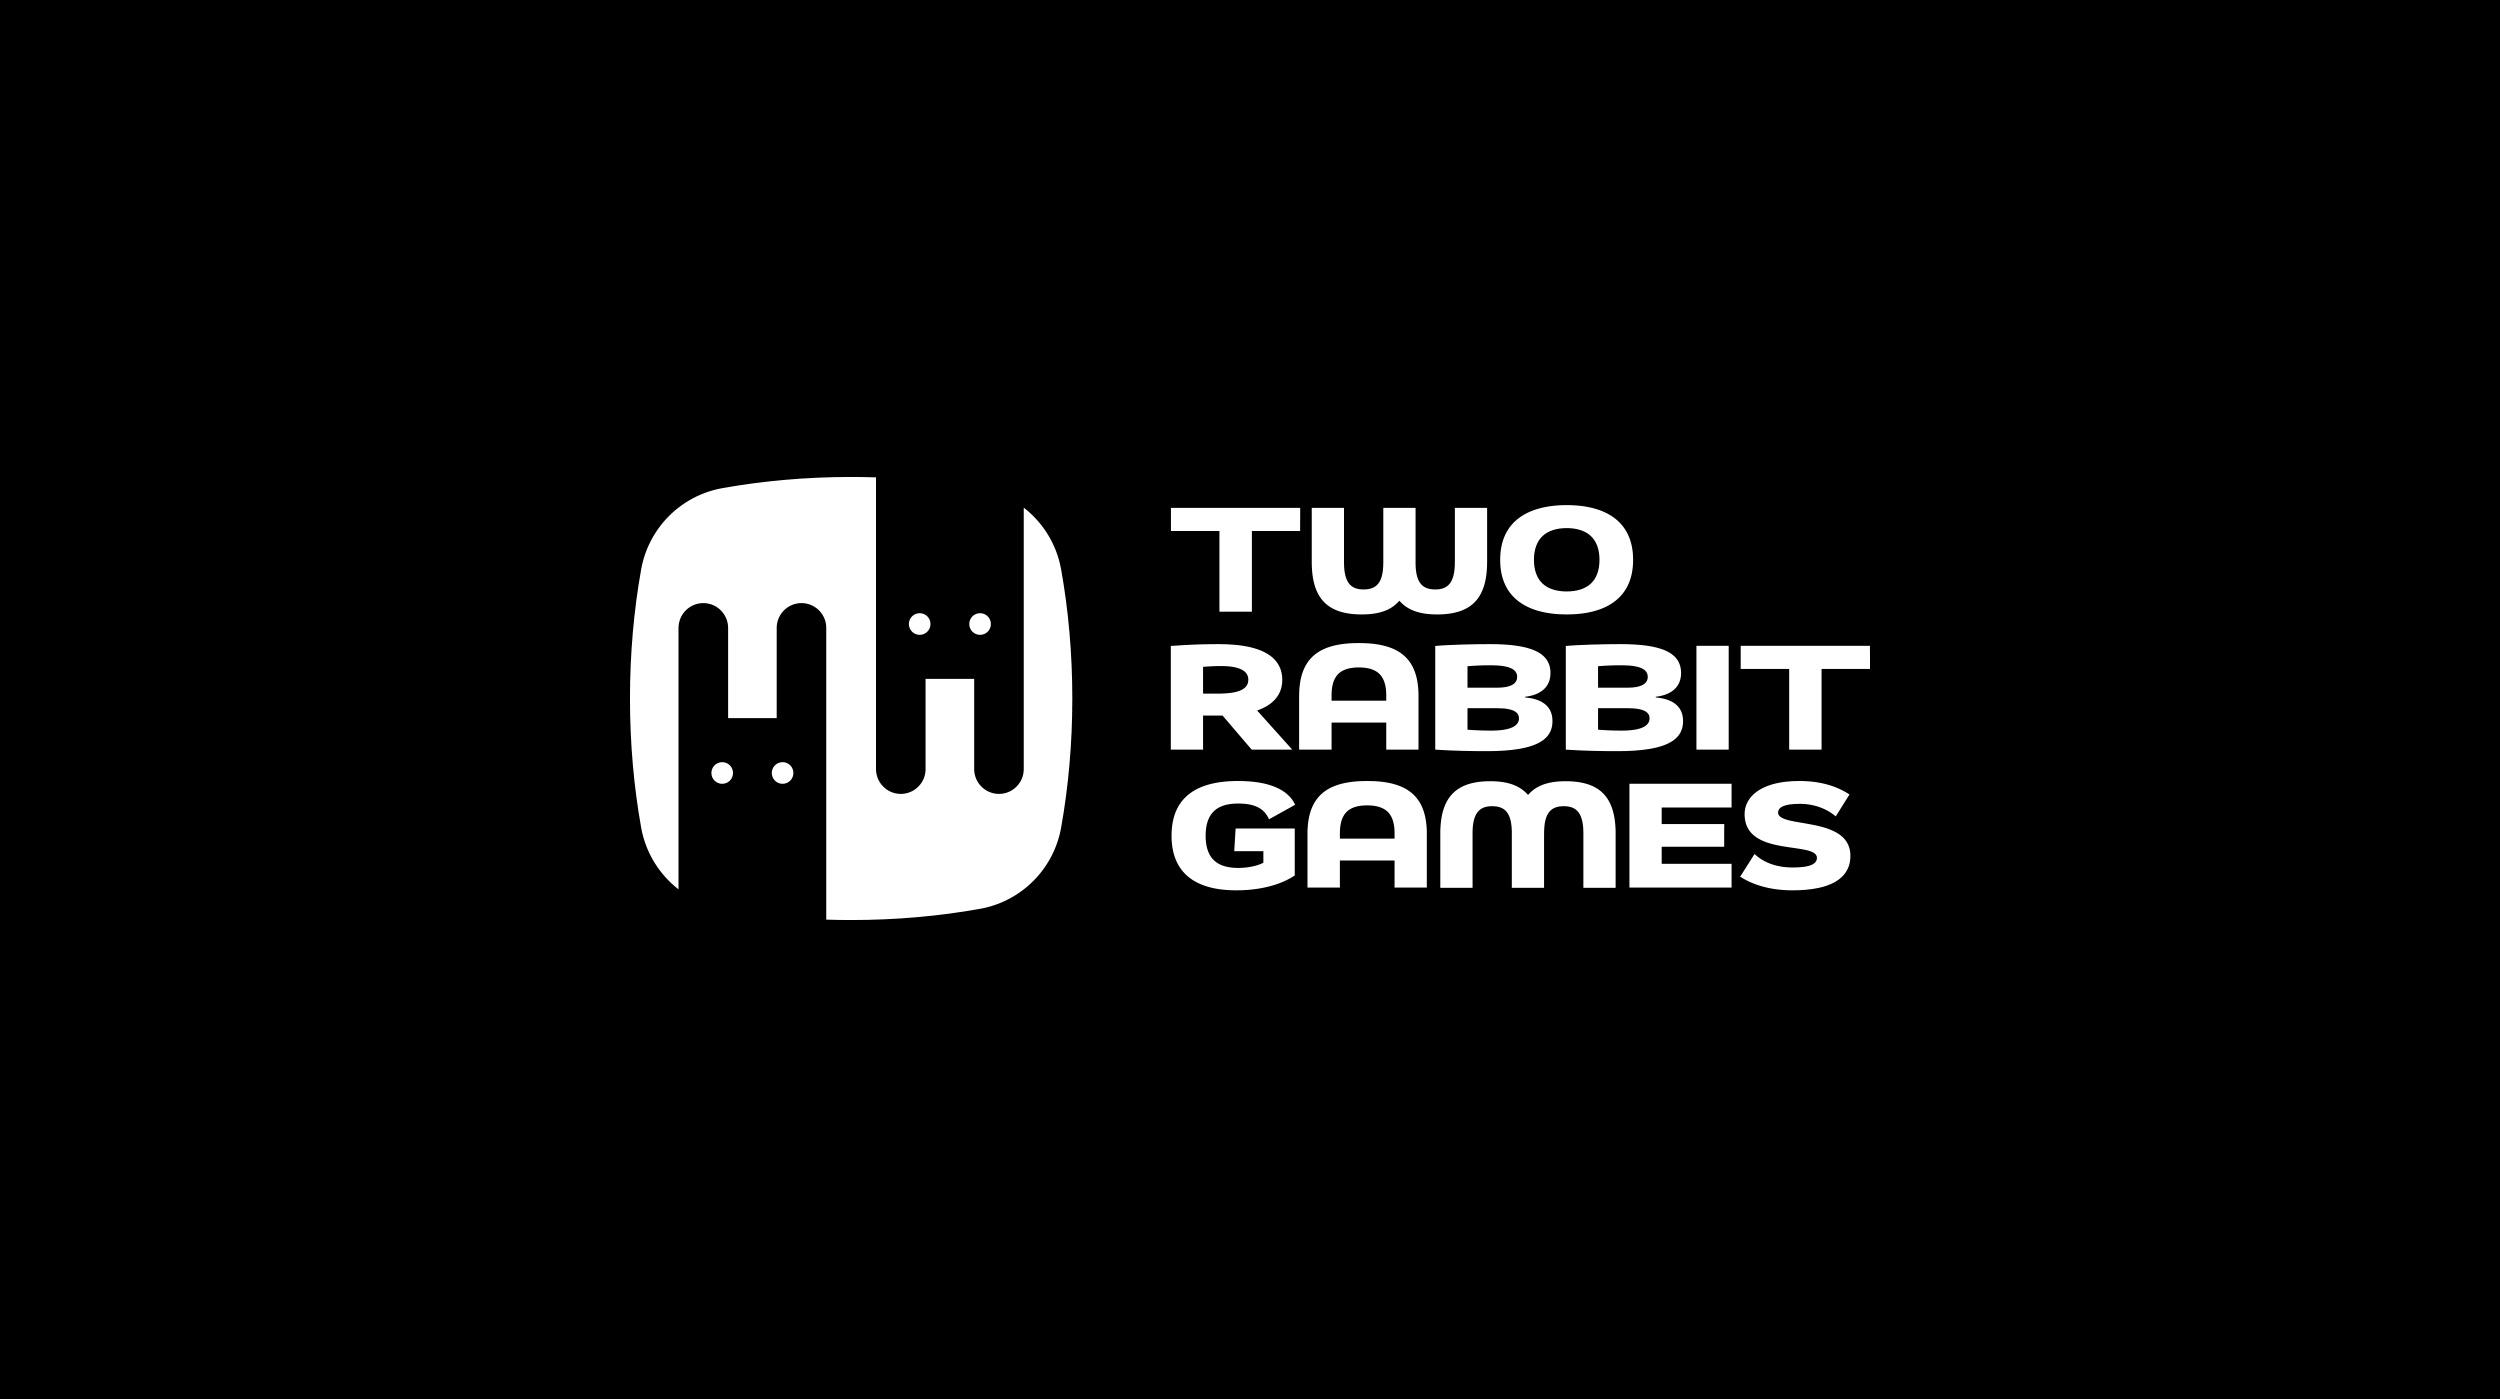 Two-Rabbit-Games_Visuals_blk